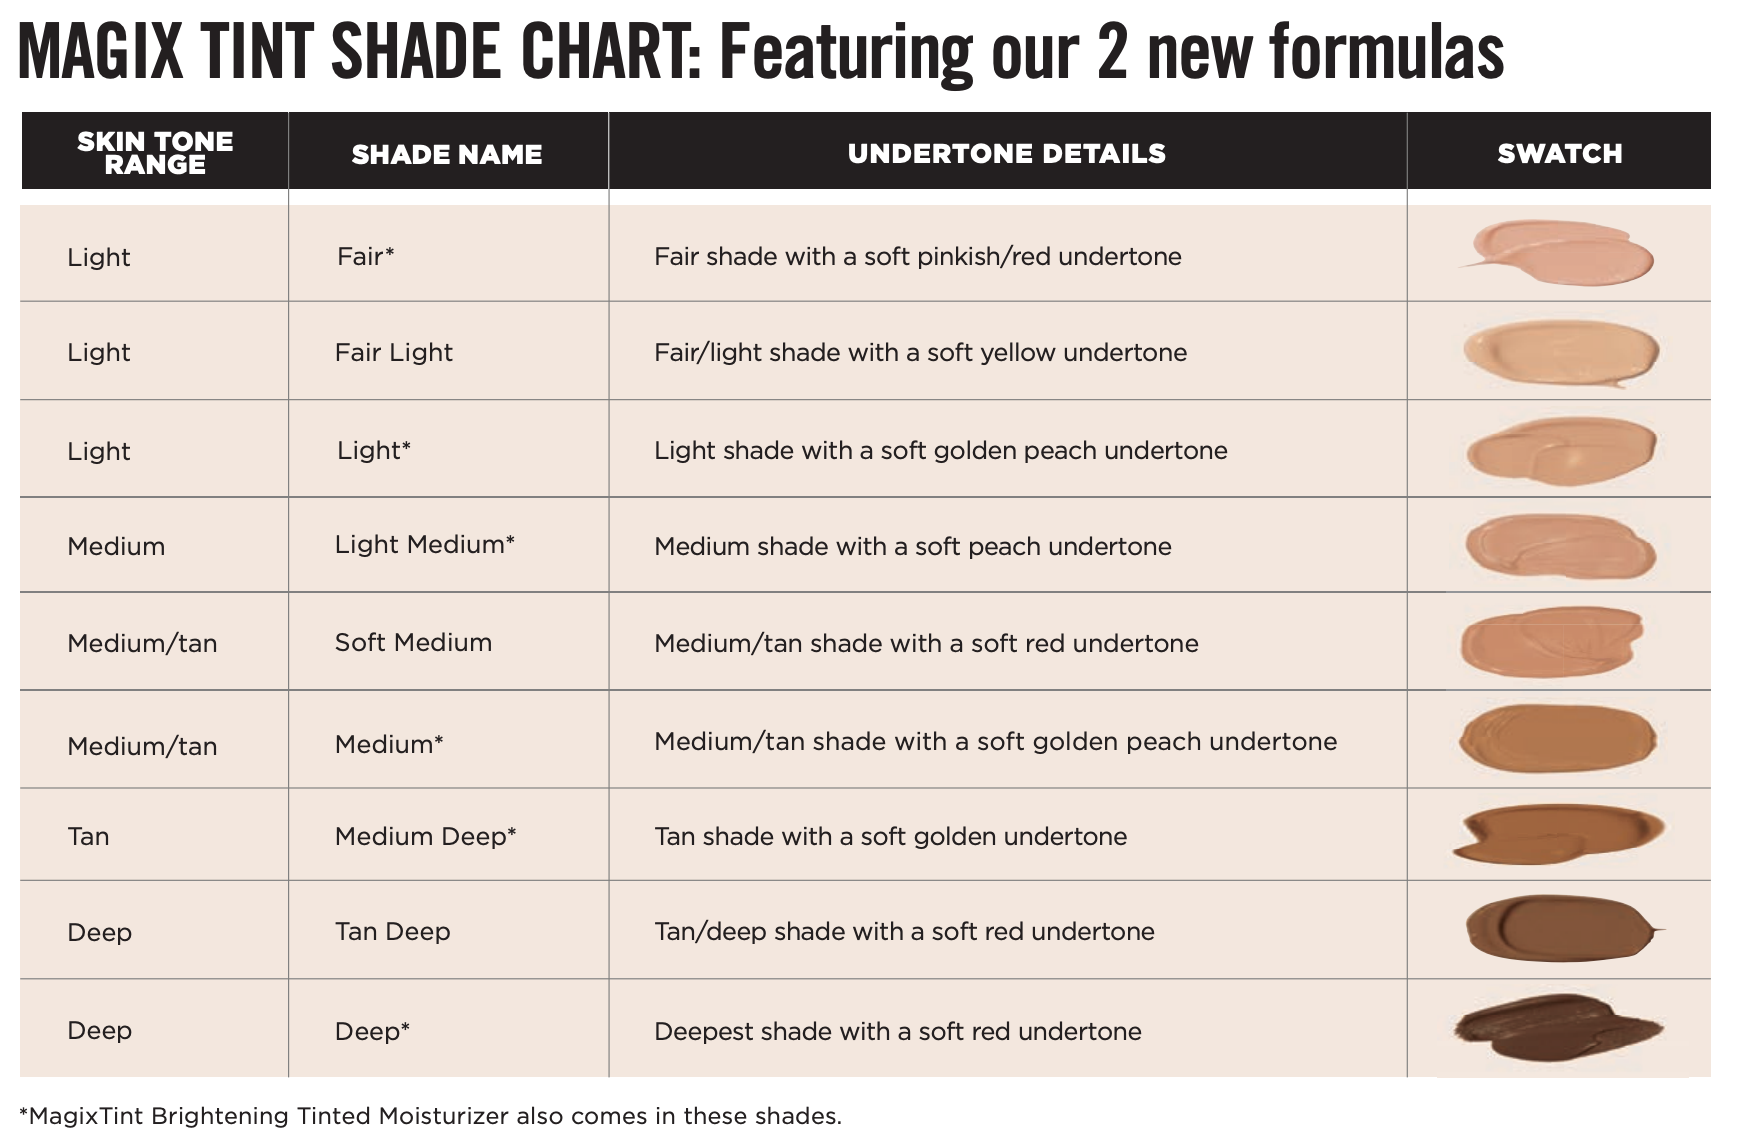 MAGIX TINT SHADE CHART